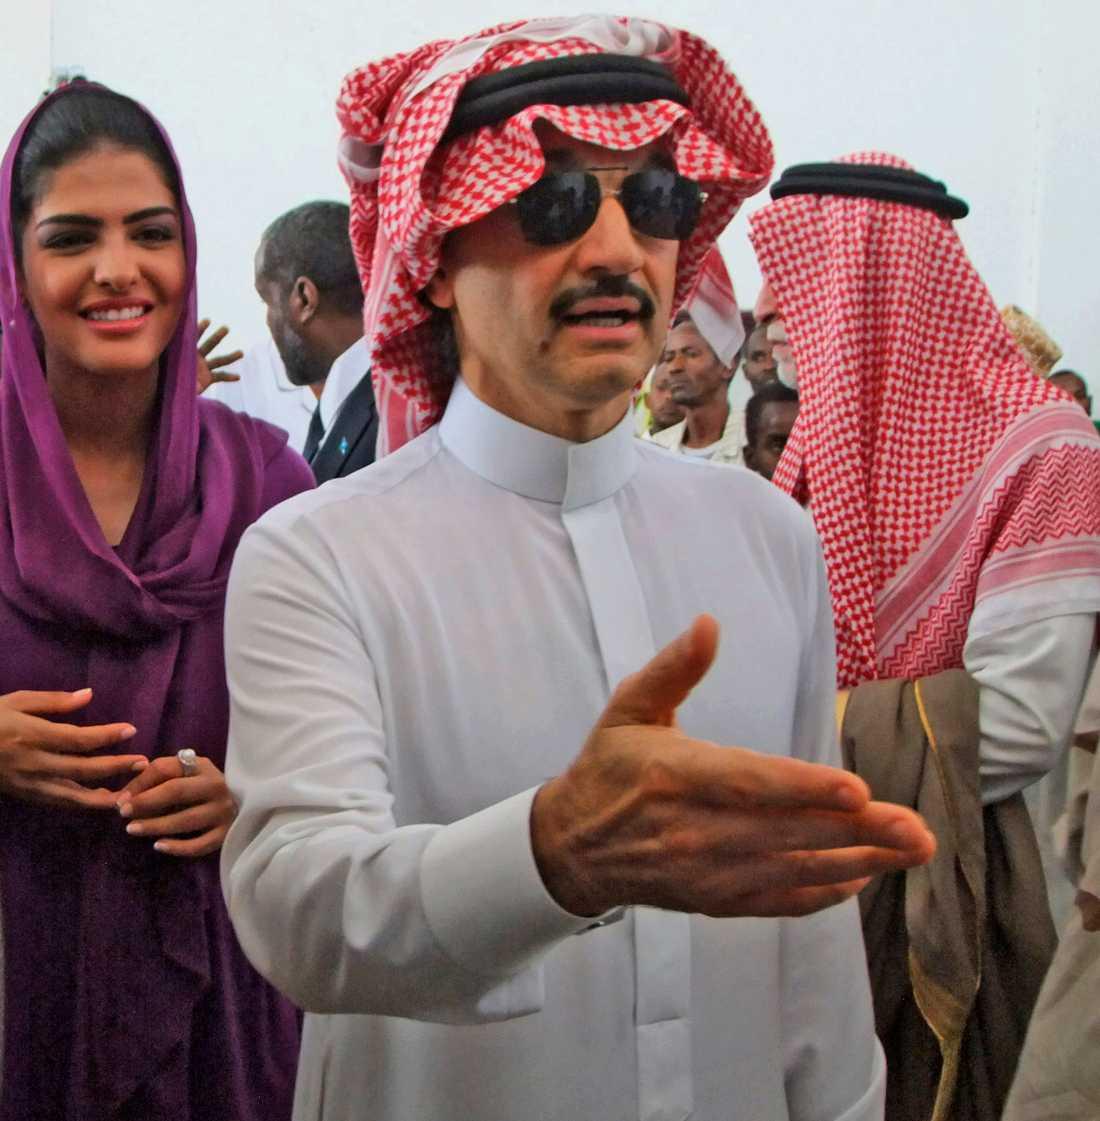 Prins Al-Waleed bin Talal, brorson till Kung Salman, är en av de elva prinsar som ska ha gripits.